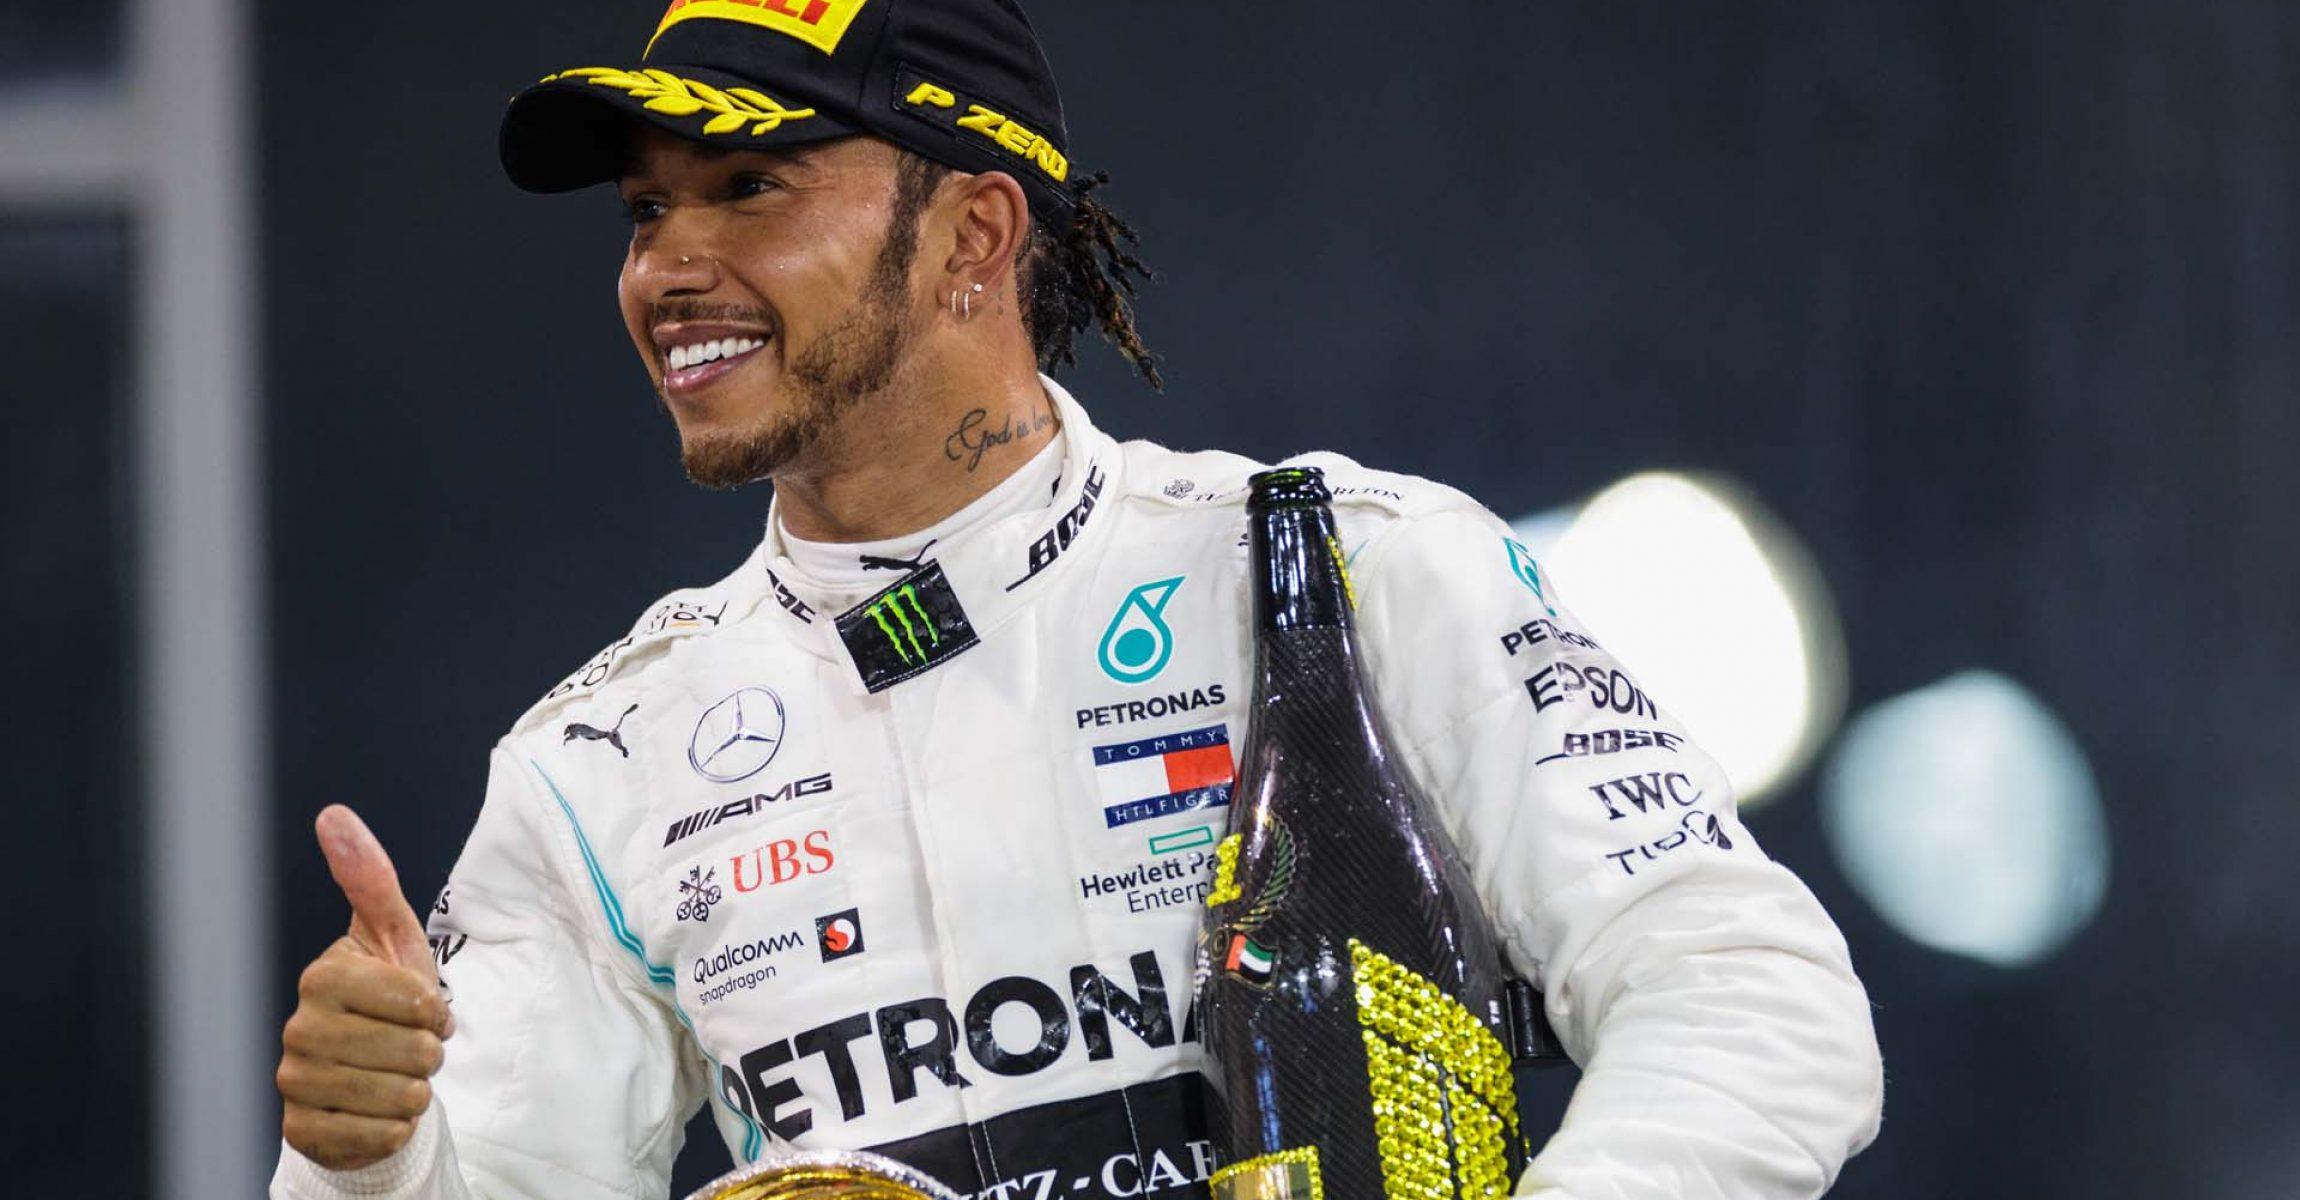 2019 Abu Dhabi Grand Prix, Sunday - LAT Images Lewis Hamilton Mercedes